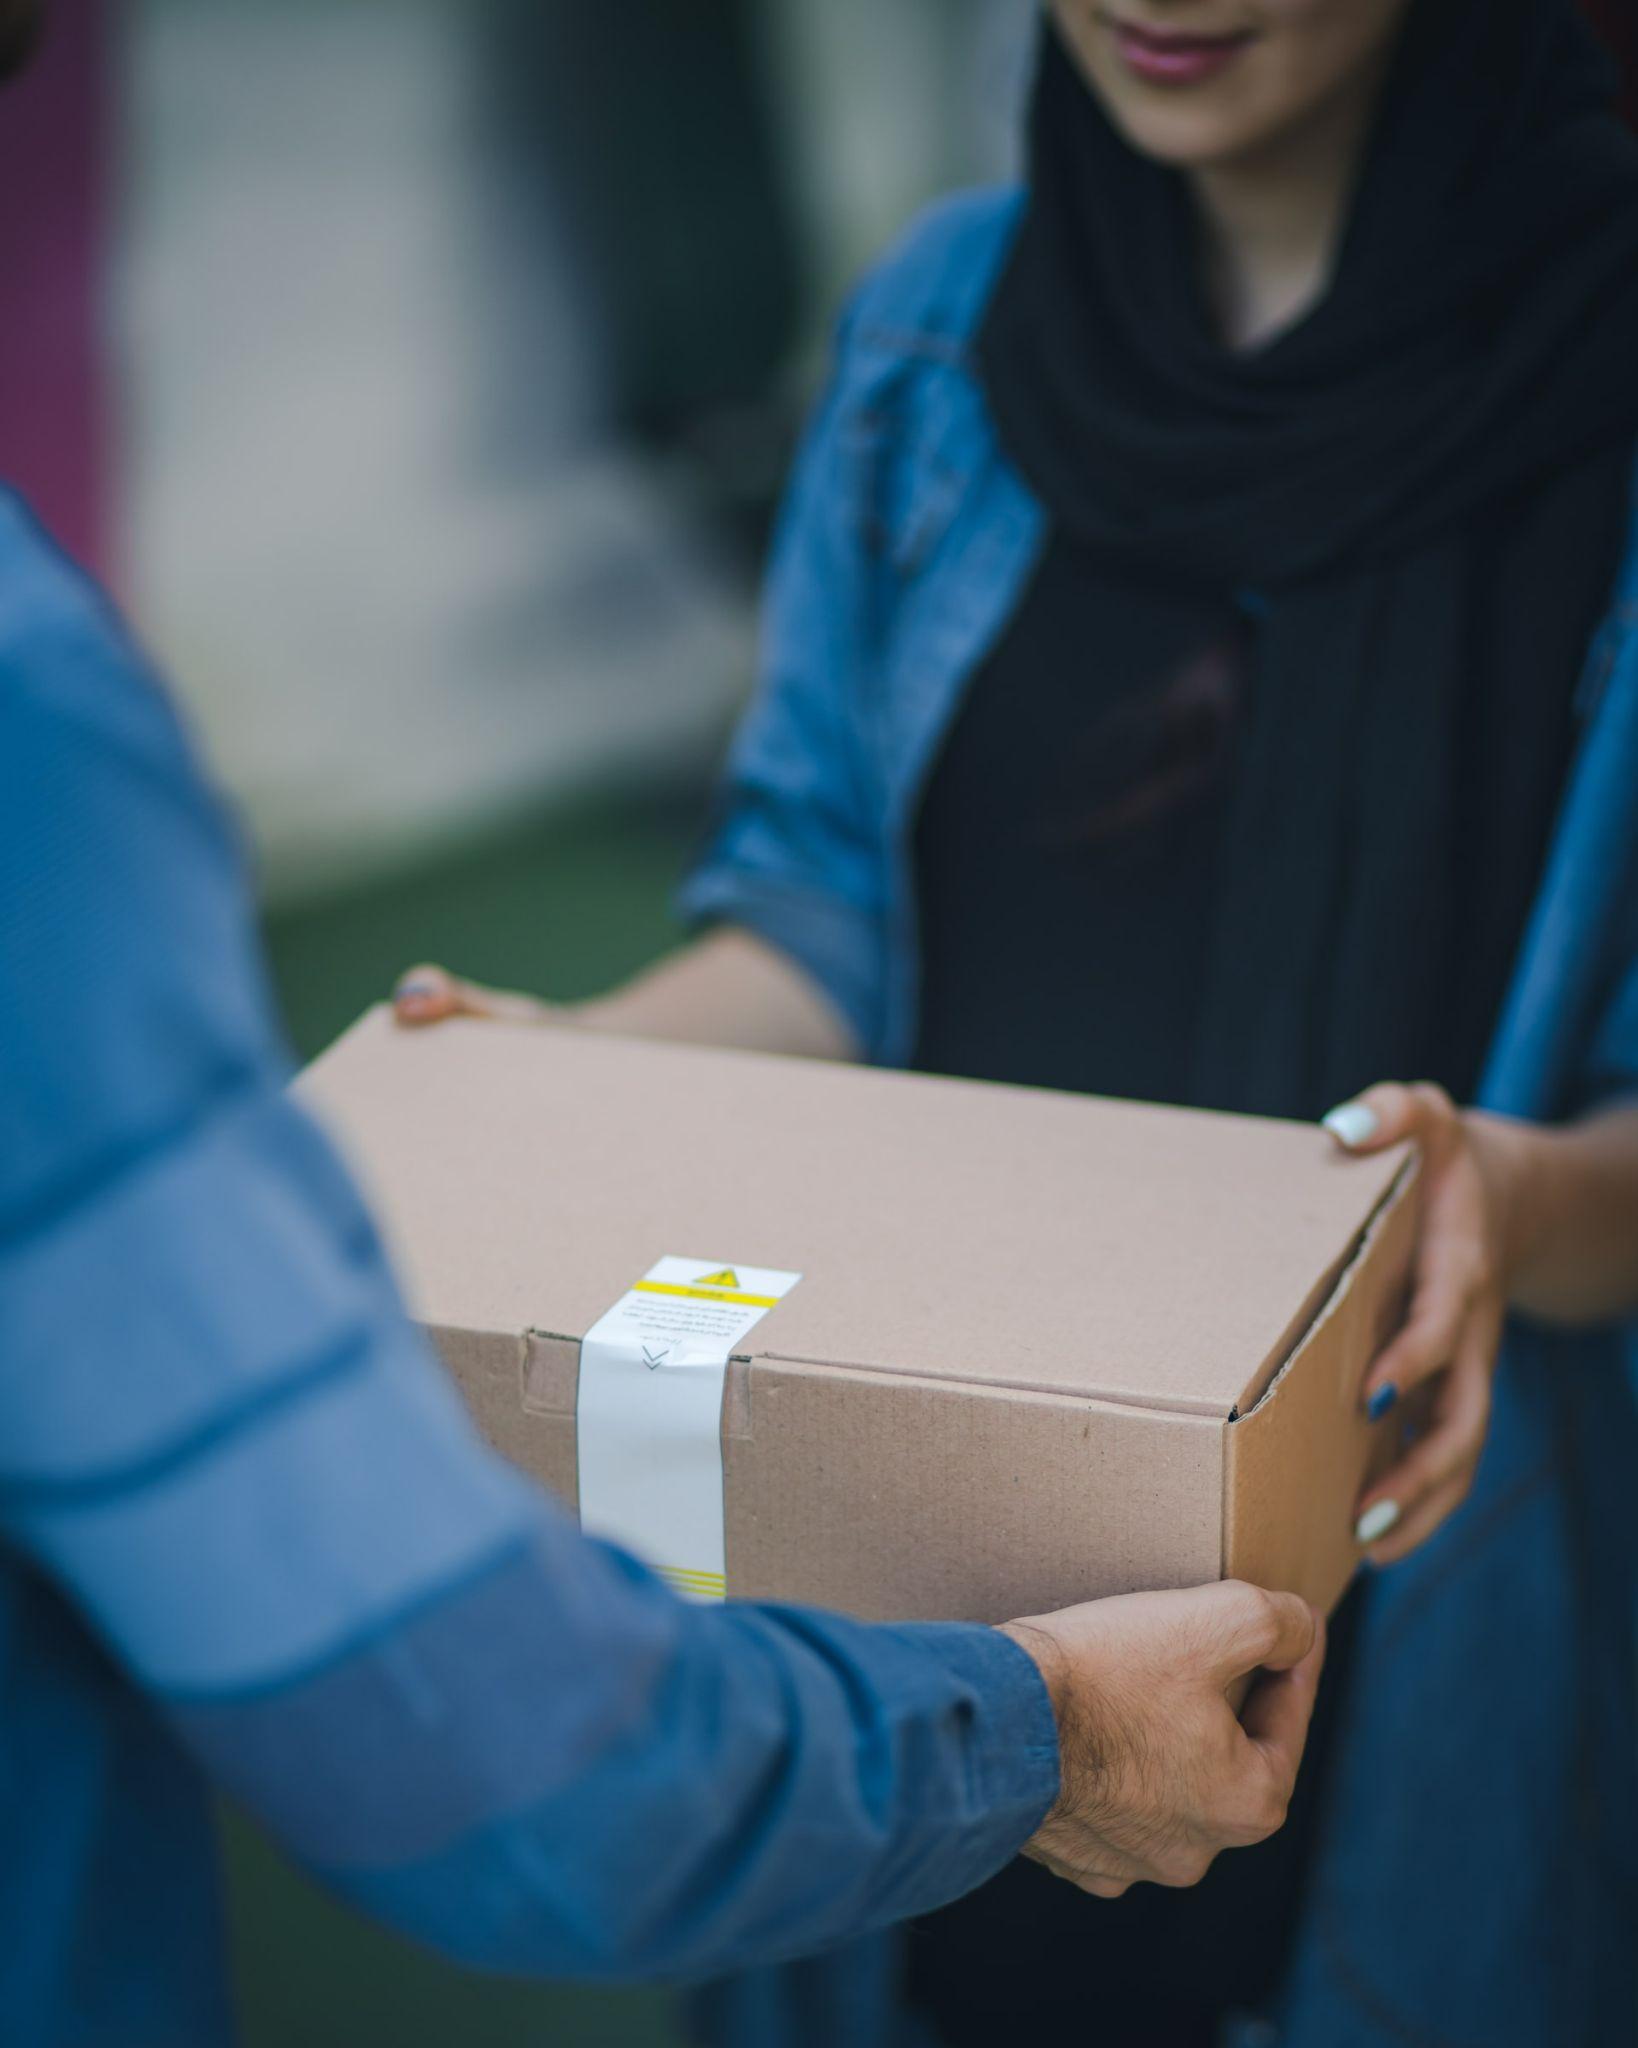 A escolha da transportadora certa ajuda o lojista a ter mais segurança de que a encomenda será entregue no prazo estipulado e com total segurança. (Foto: Unsplash)